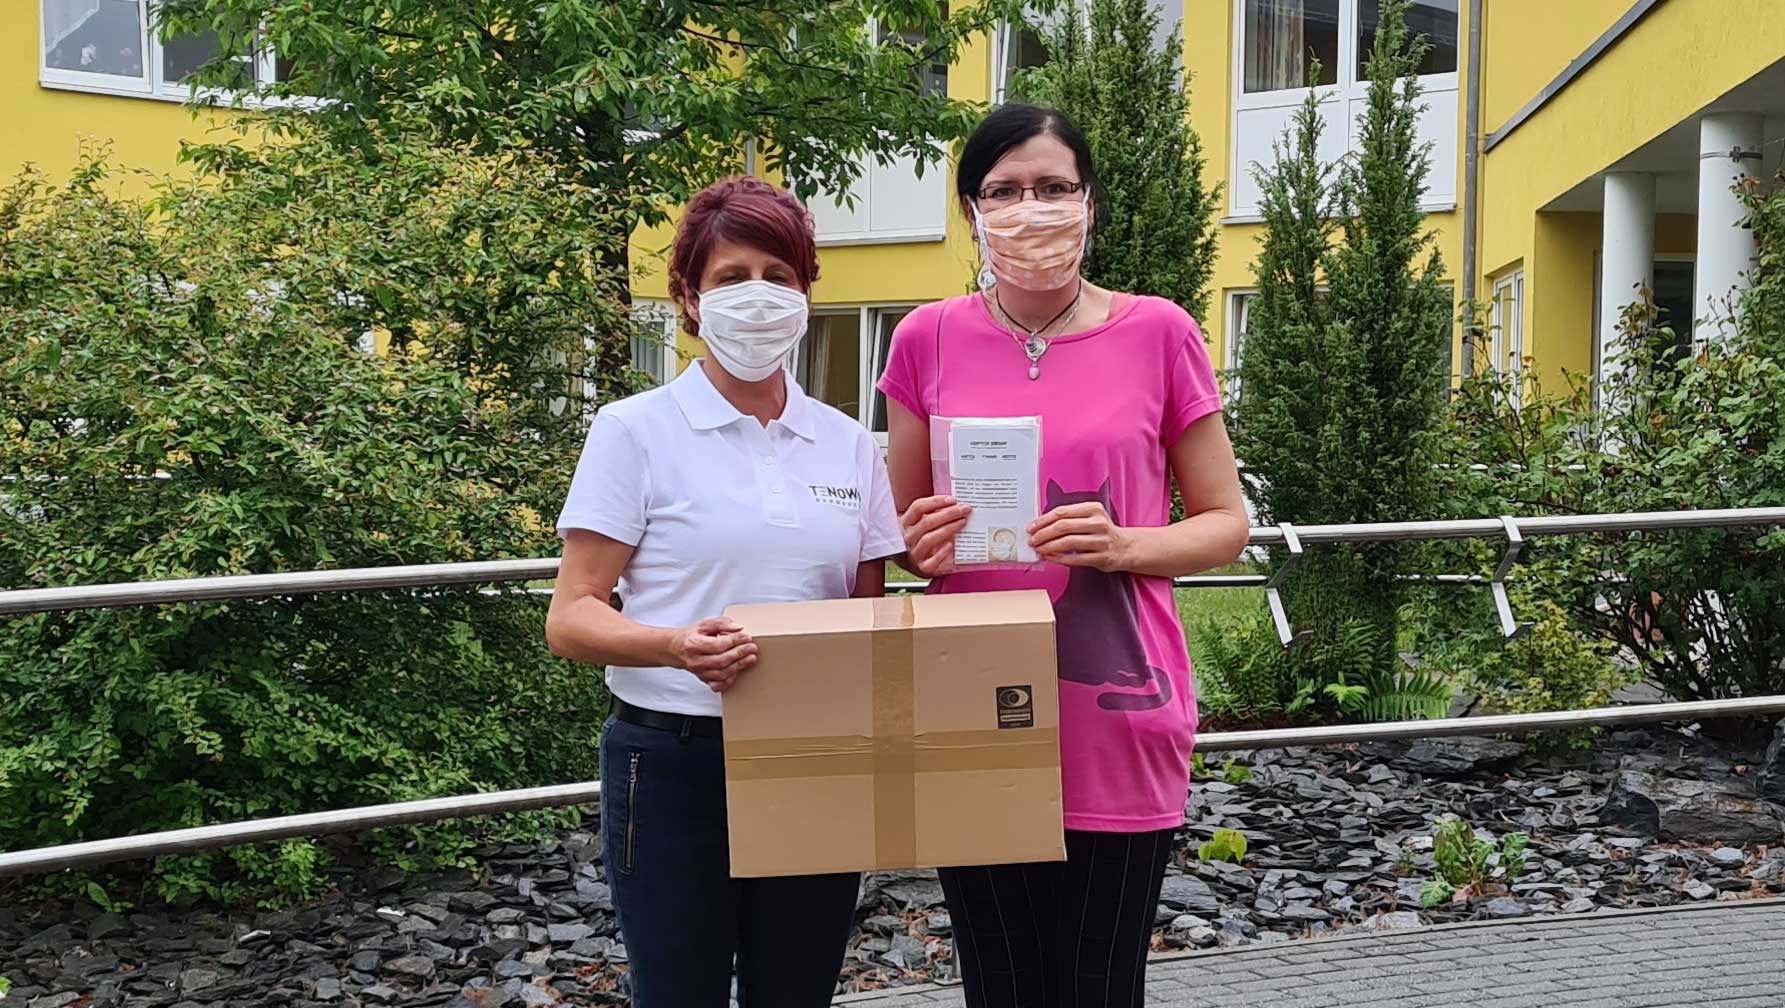 11-06-2020-Masken-fuer-Pflegeheim